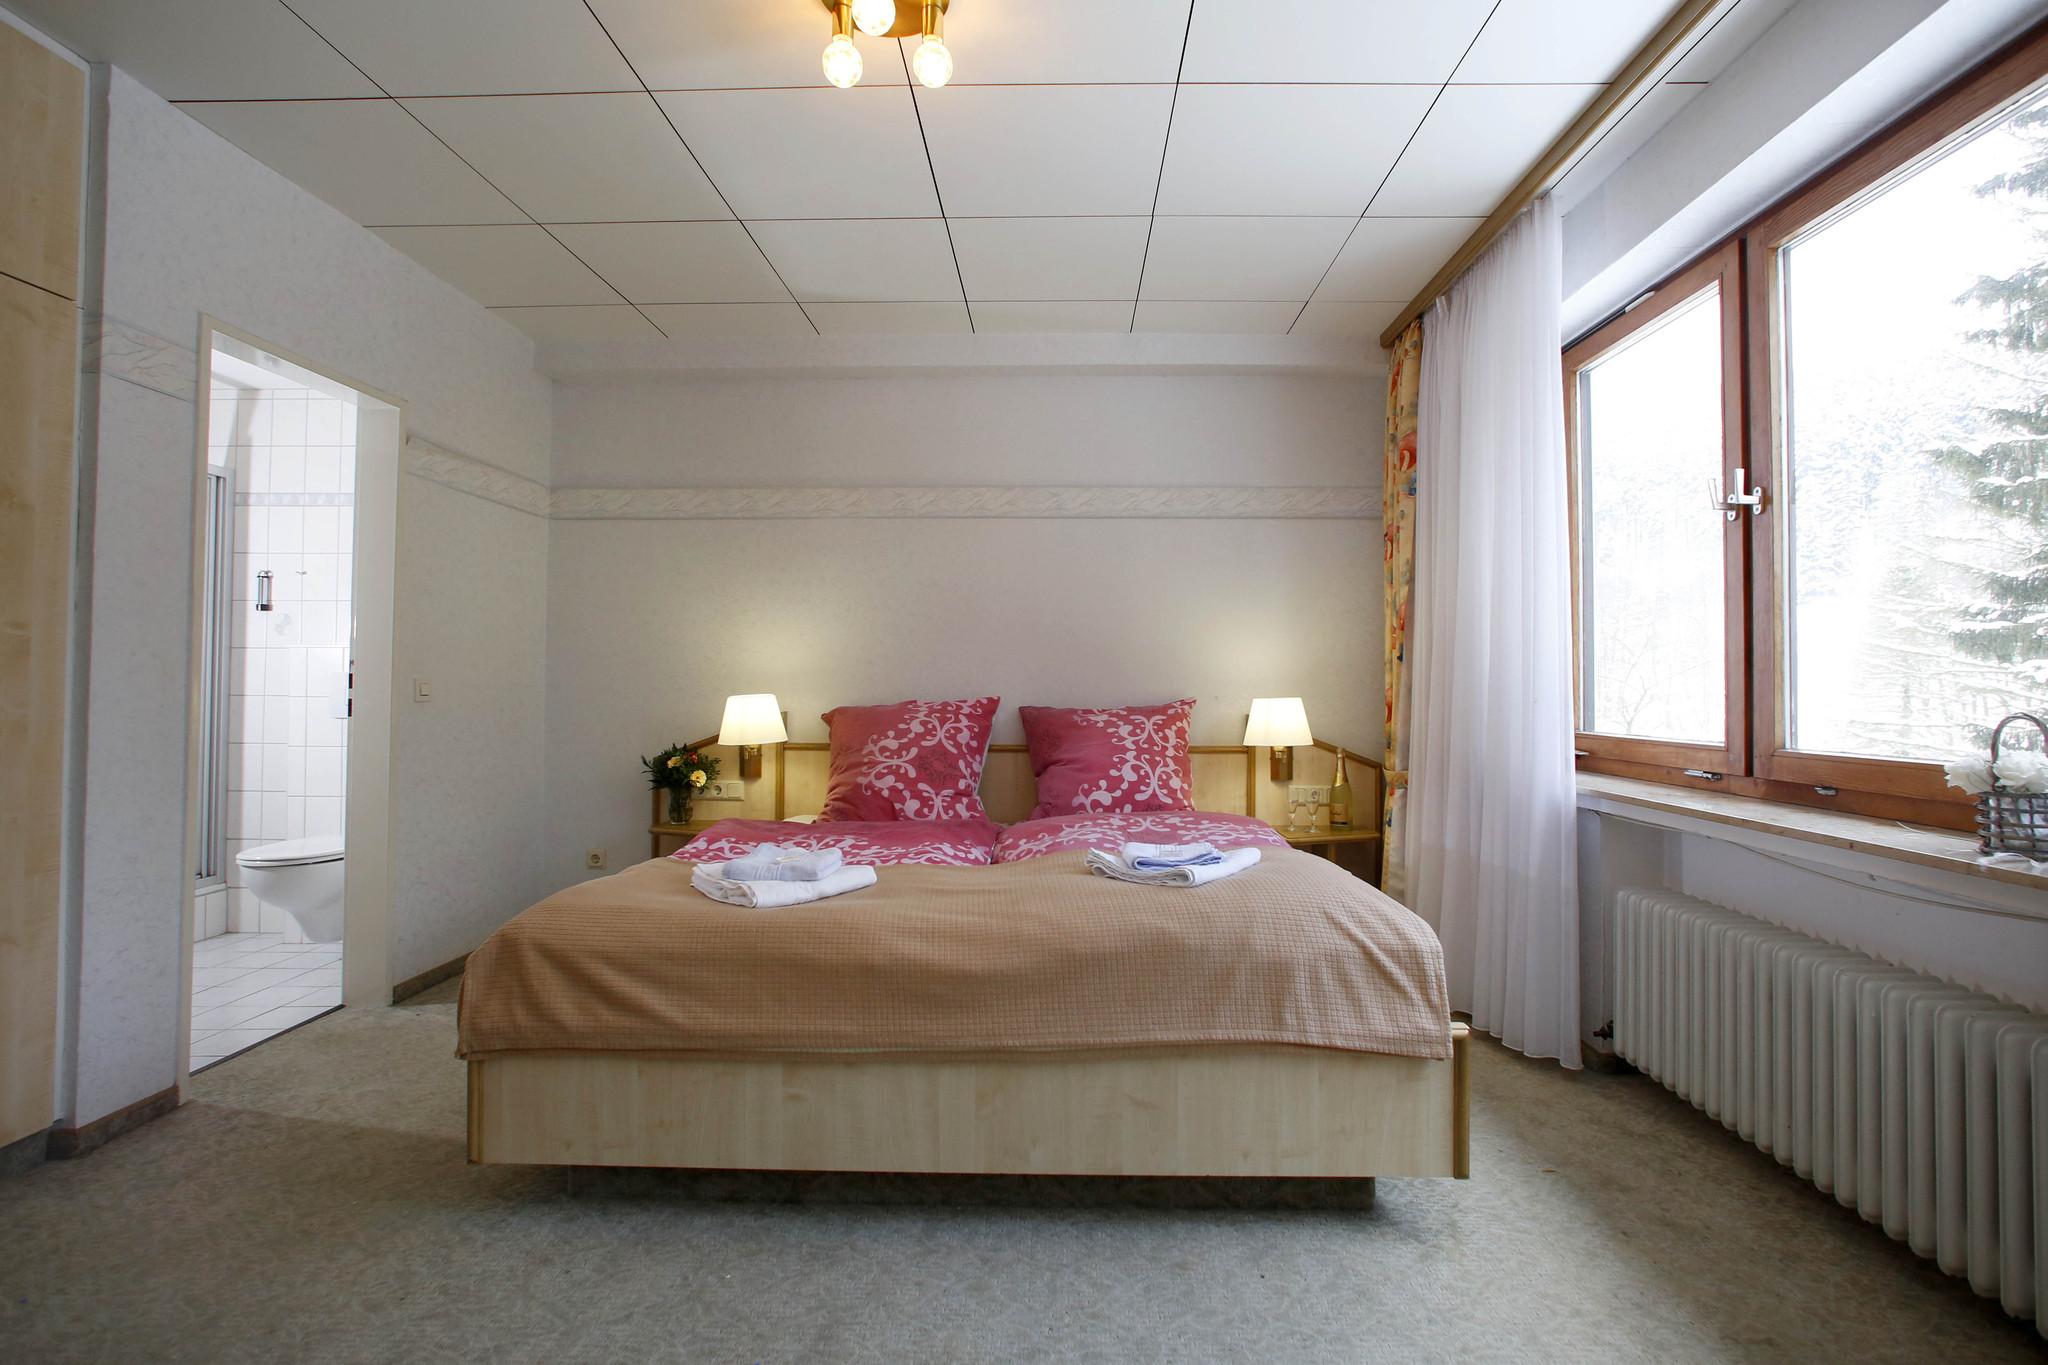 Zimmer im Hotel zum Paradies